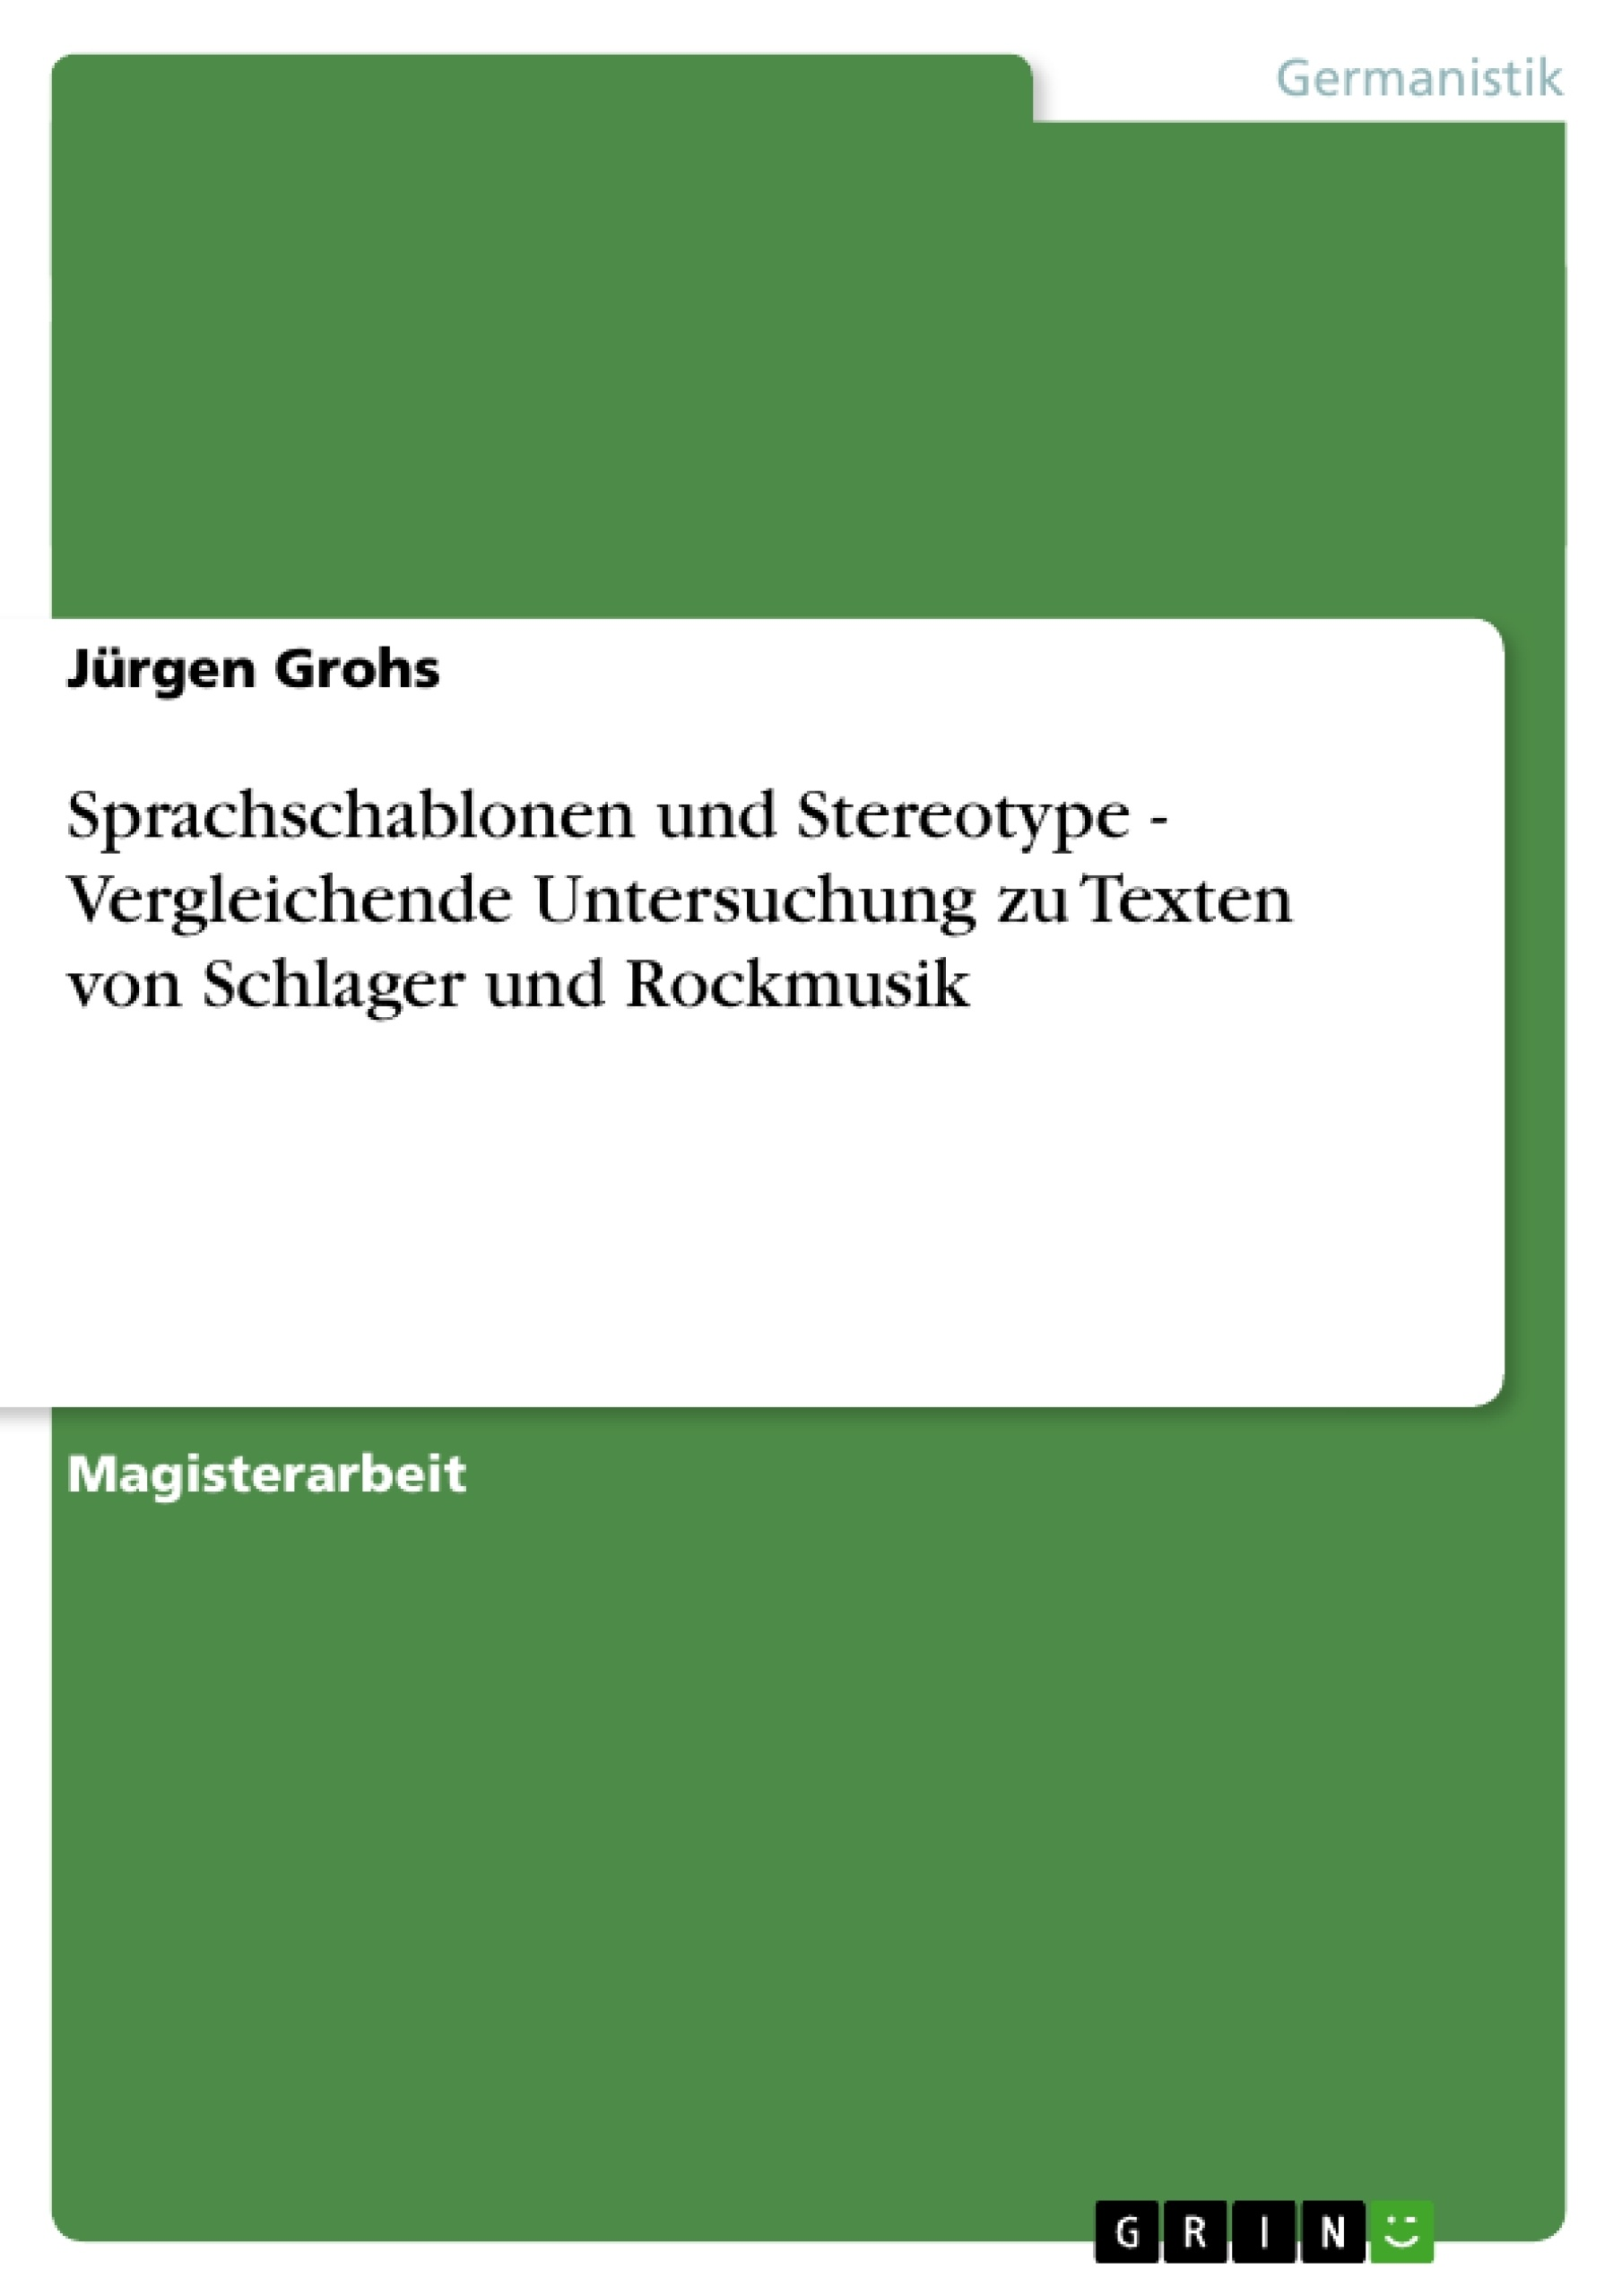 Titel: Sprachschablonen und Stereotype - Vergleichende Untersuchung zu Texten von Schlager und Rockmusik